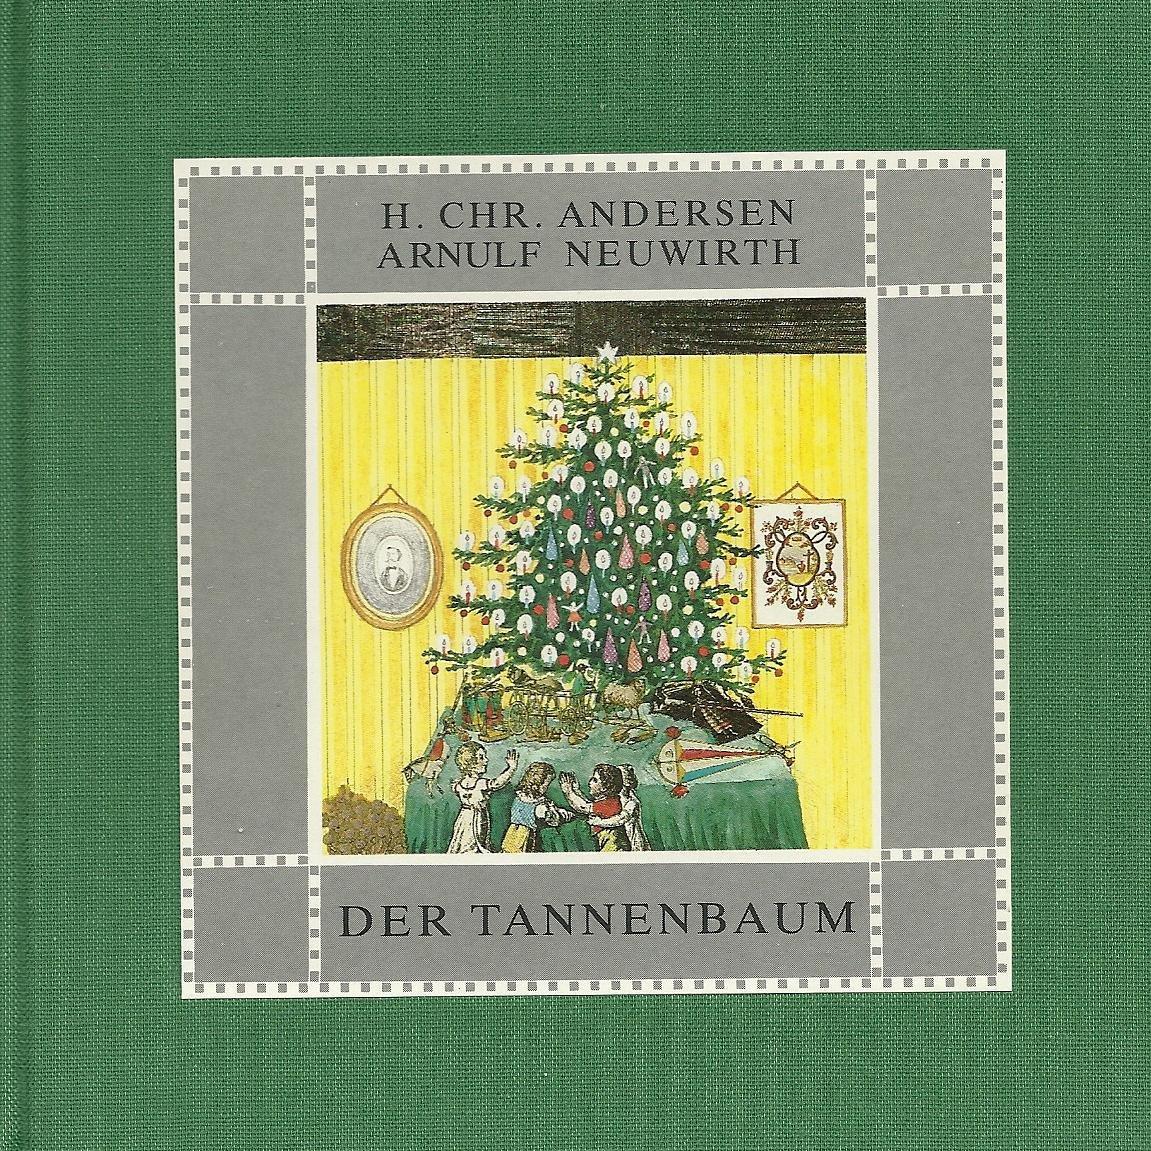 Andersen Der Tannenbaum.Der Tannenbaum Hans Christian Andersen Arnulf Newwirth